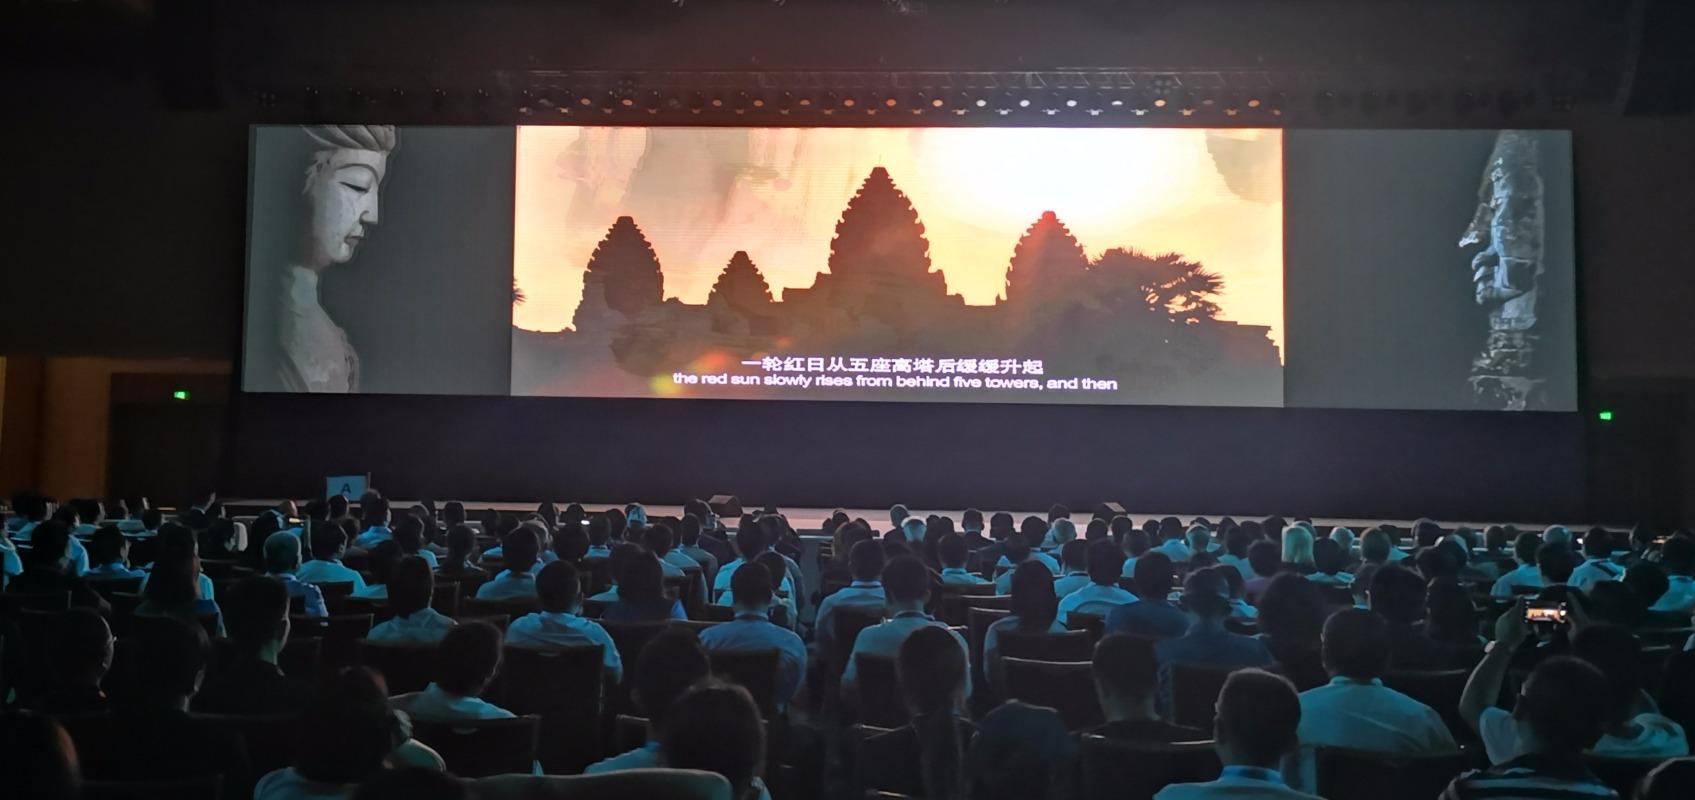 两大石窟艺术跨时空文明对话 纪录片《莫高窟与吴哥窟的对话》首映